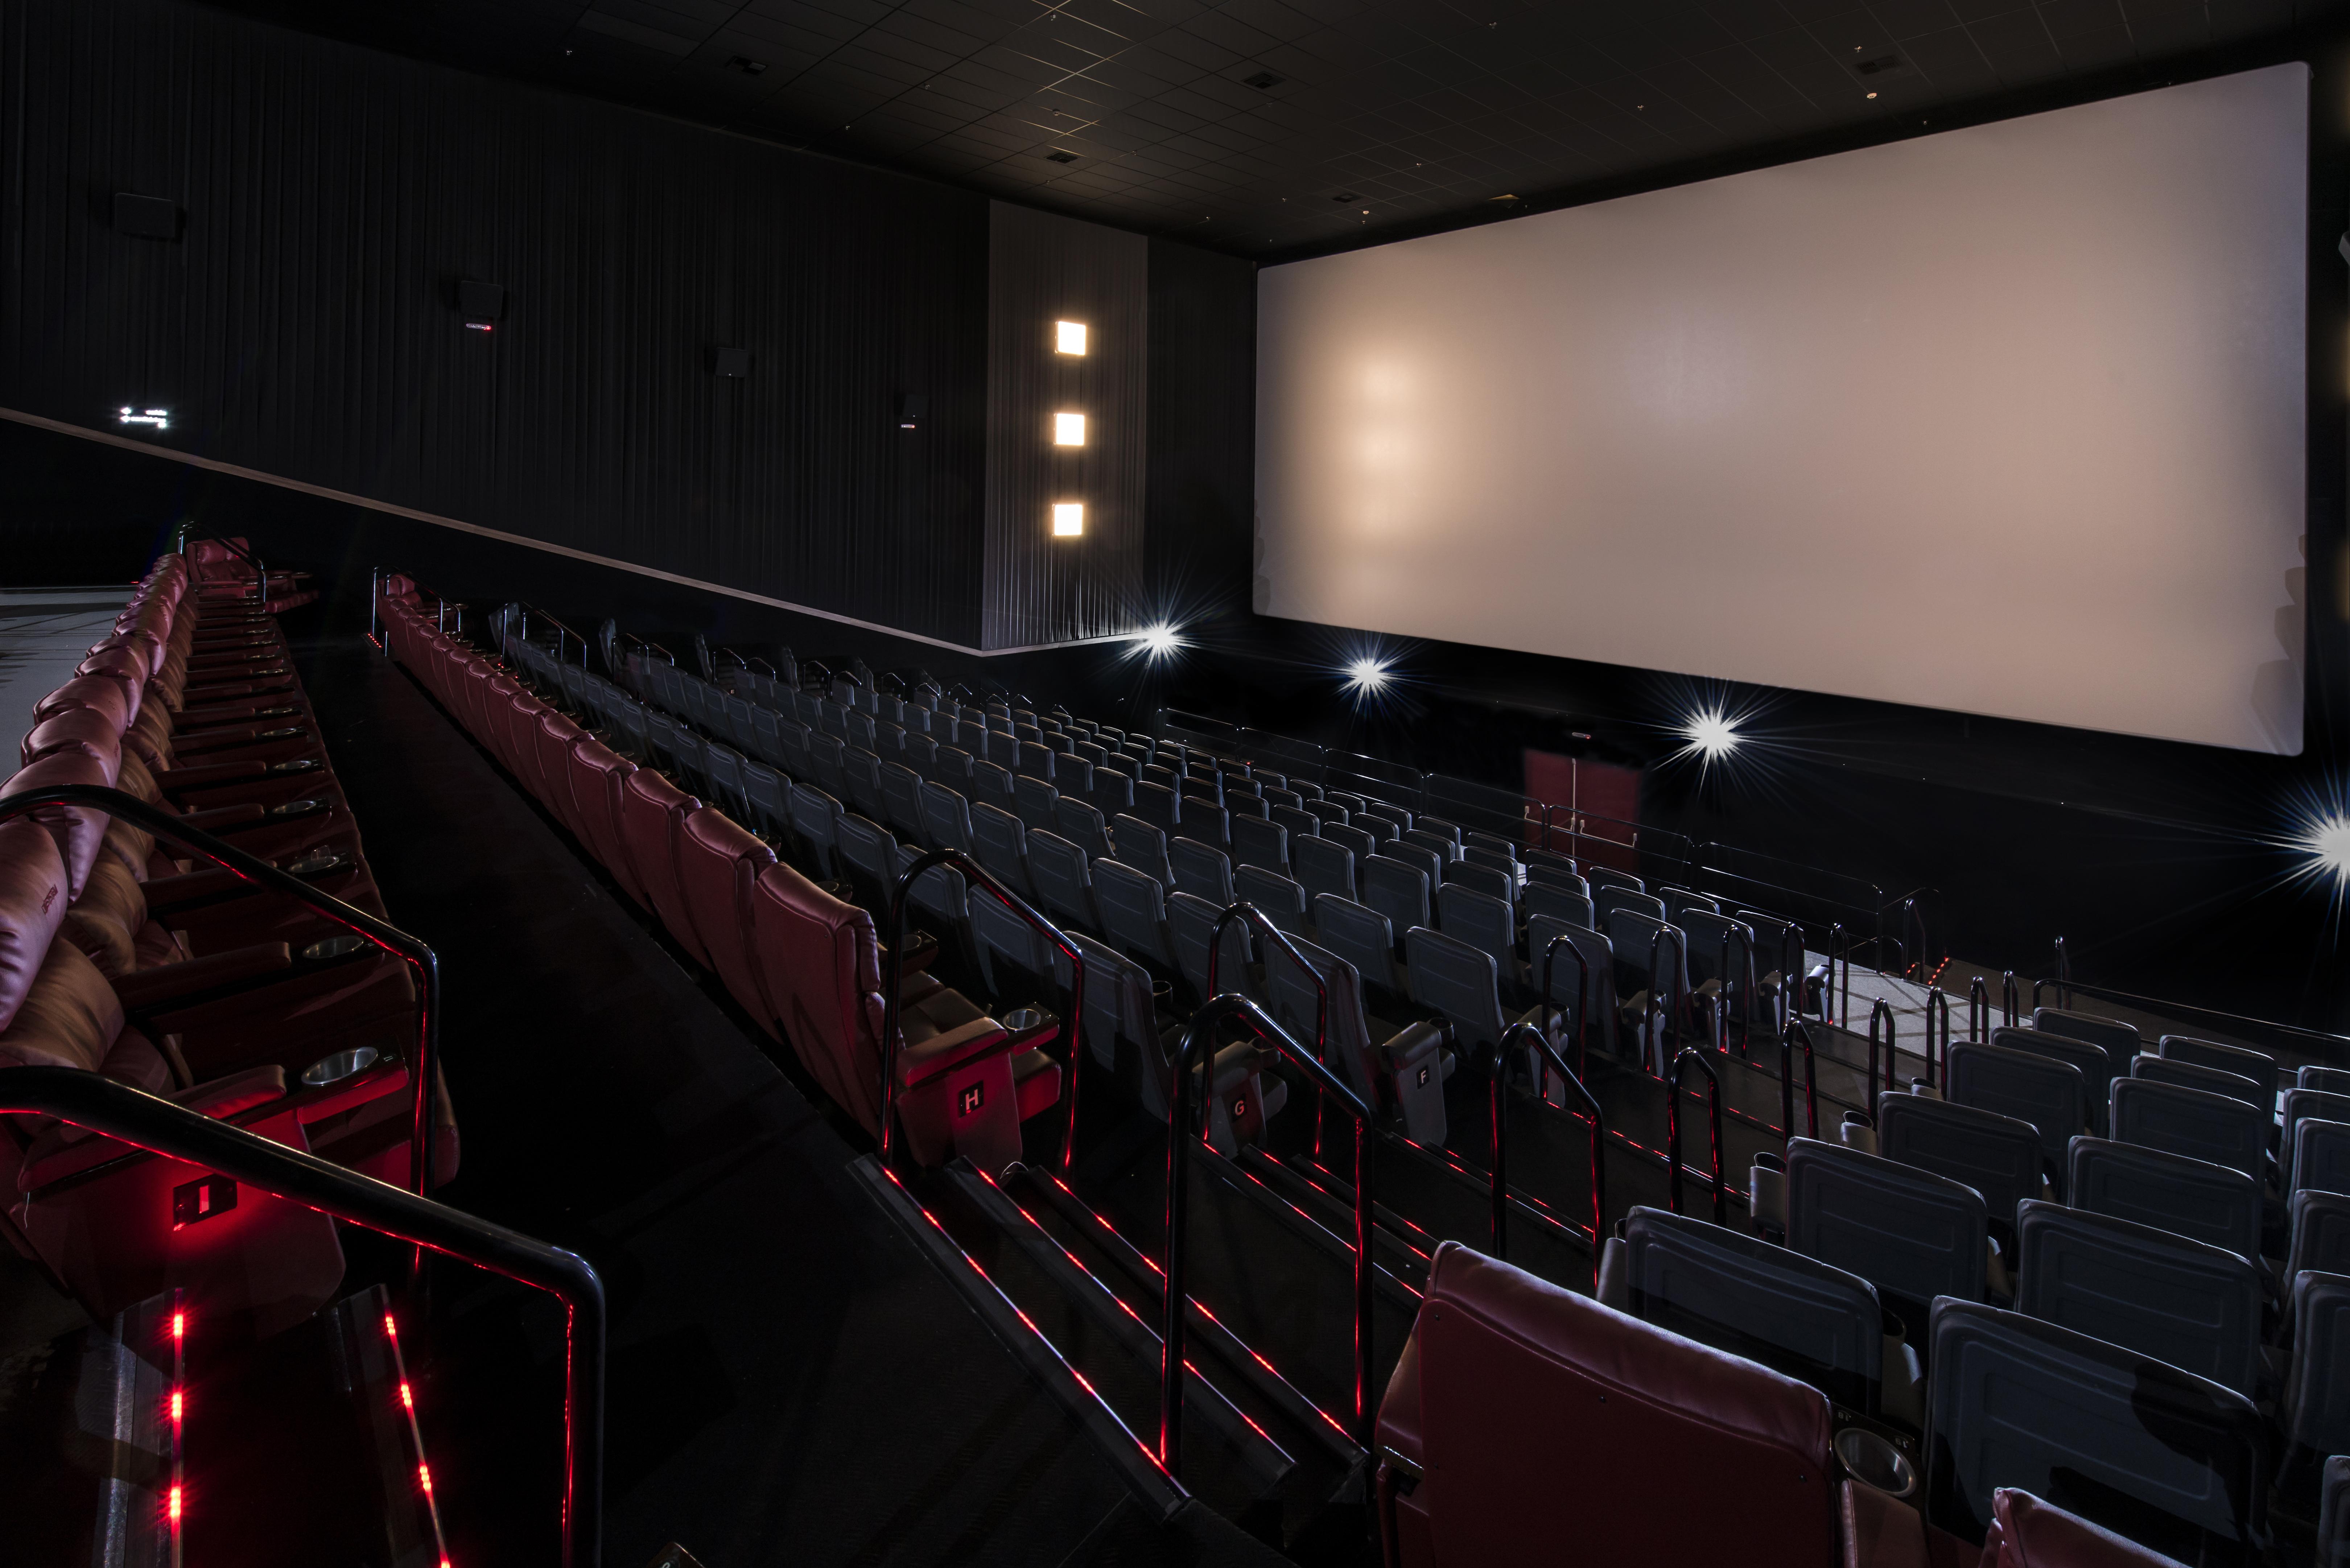 File Sala De Cinema Jpg Wikimedia Commons -> Imagem De Sala De Cinema